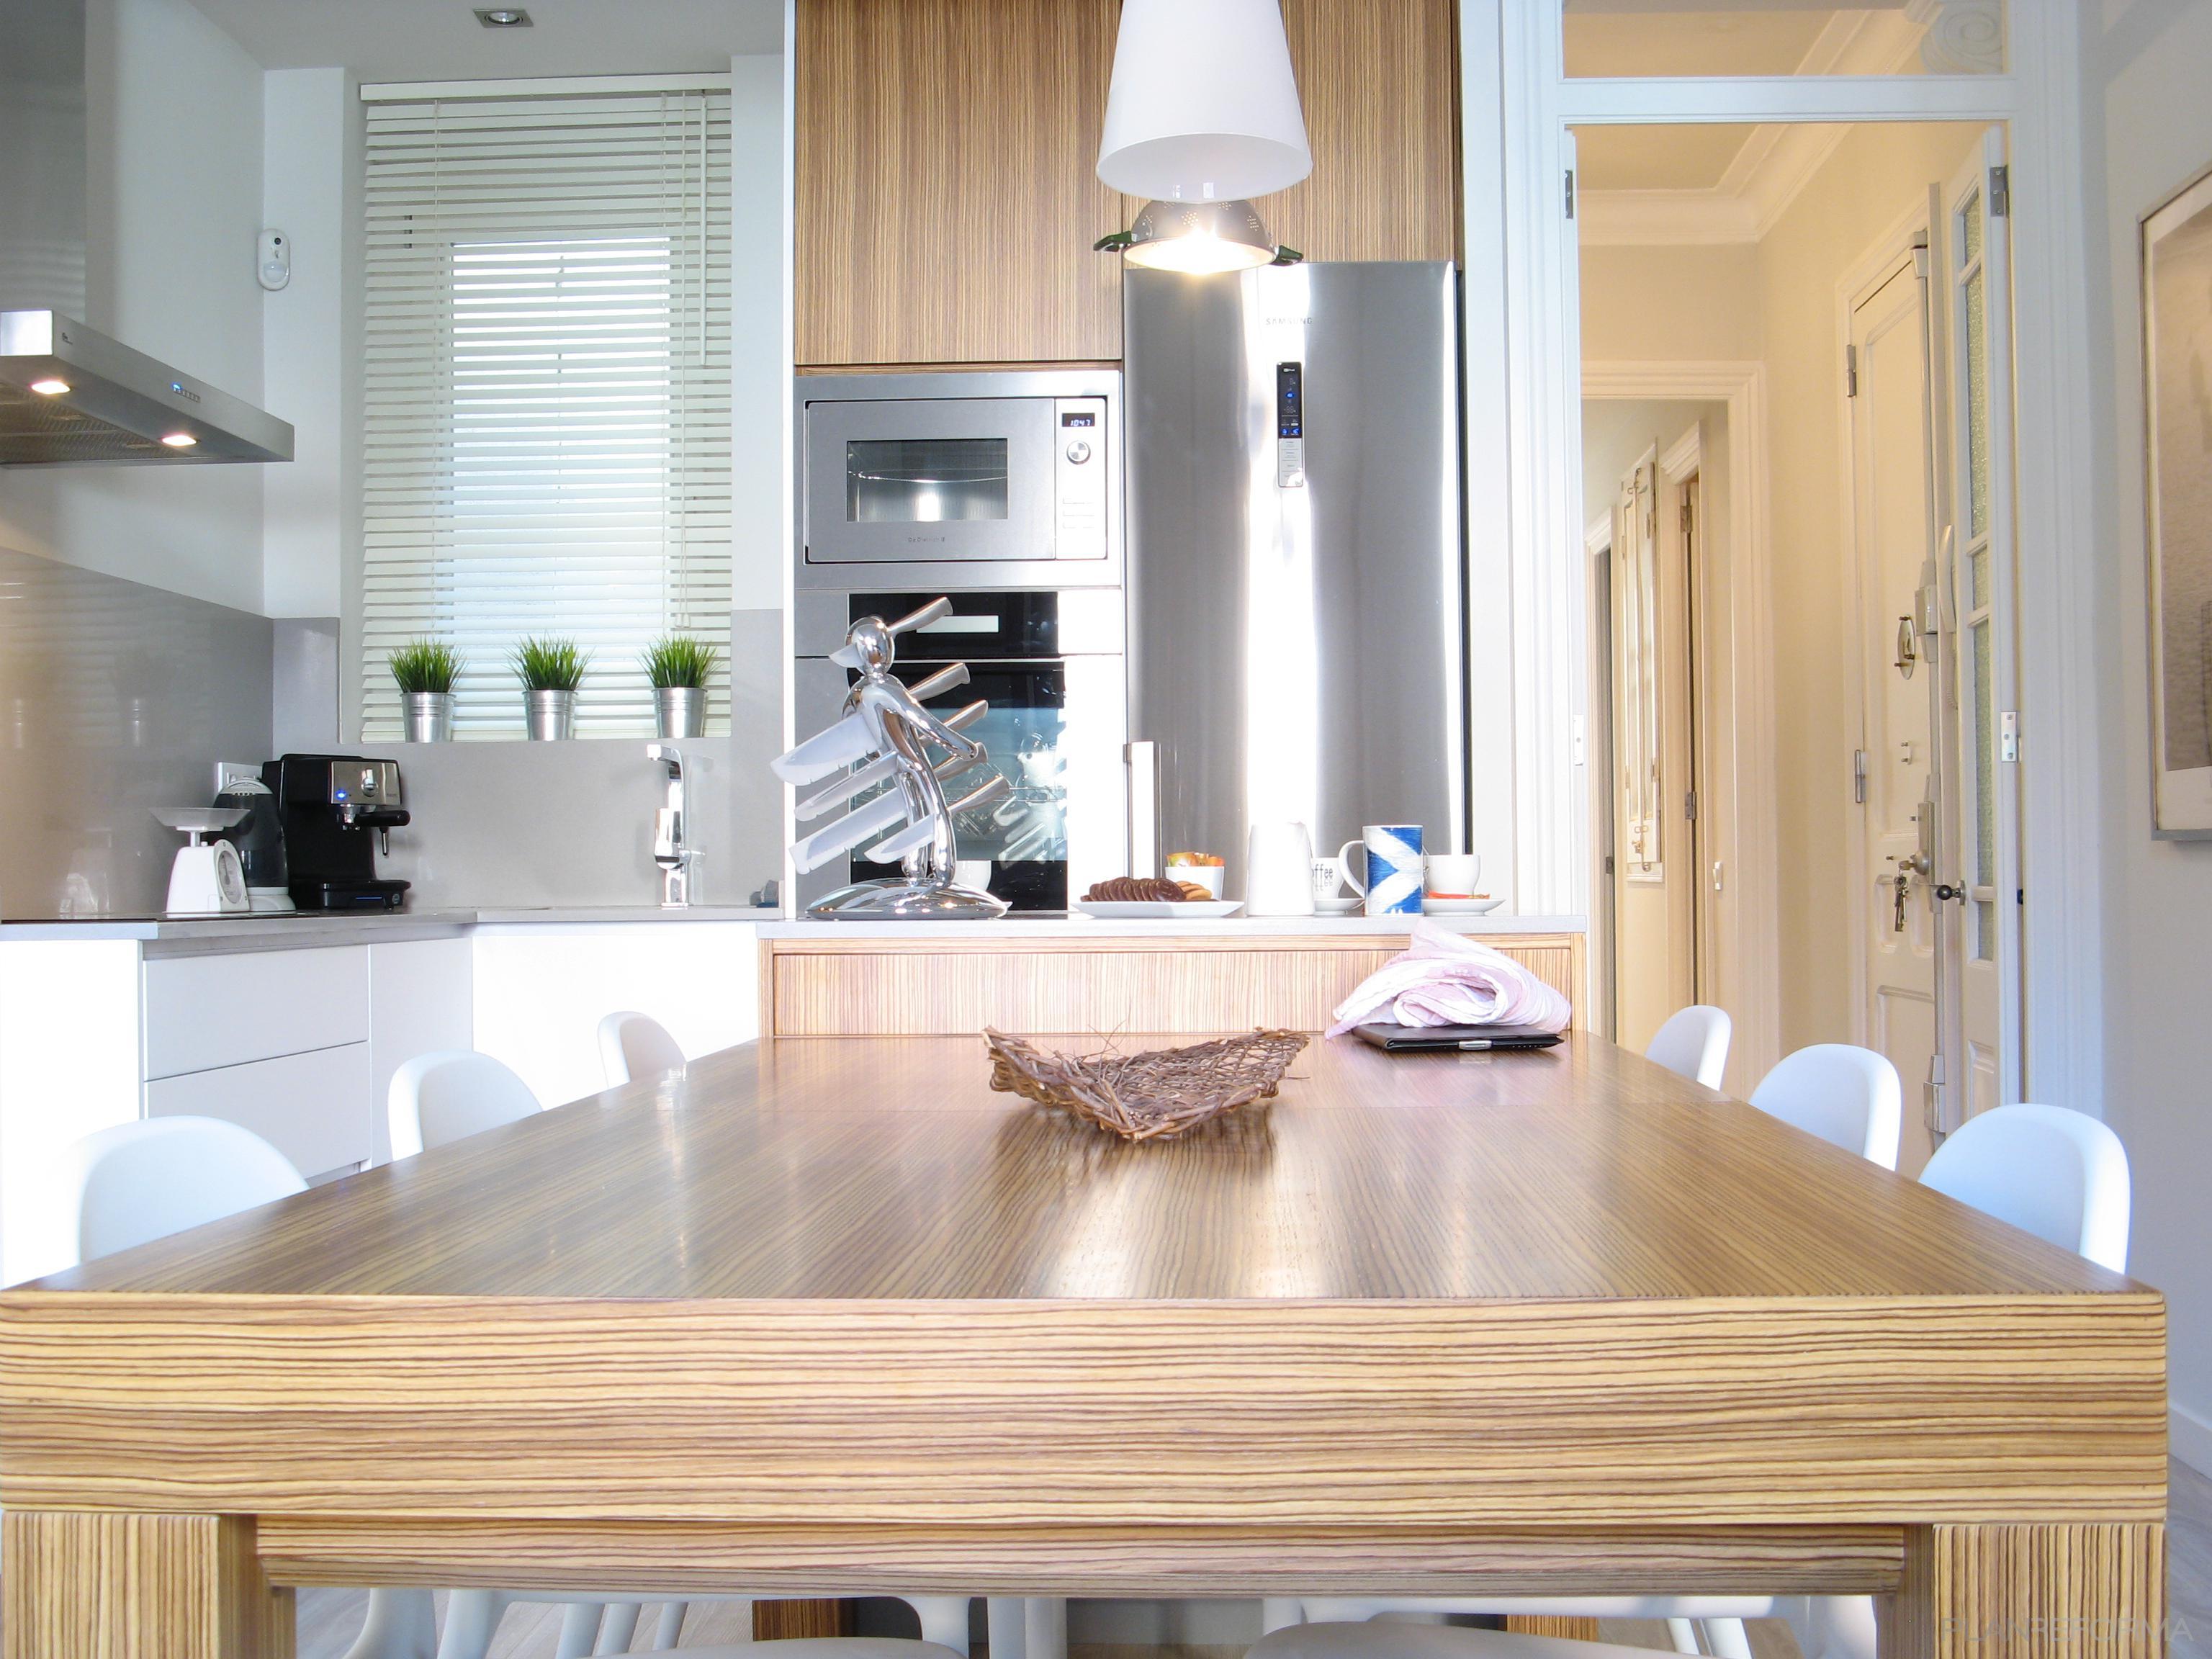 Comedor, Cocina, Salon Estilo tradicional Color ocre, gris, plateado  diseñado por Estudi de Arquitectura & Eficiencia Energètica GPA S.L   Arquitecto Técnico   Copyright gpa Arquitectura